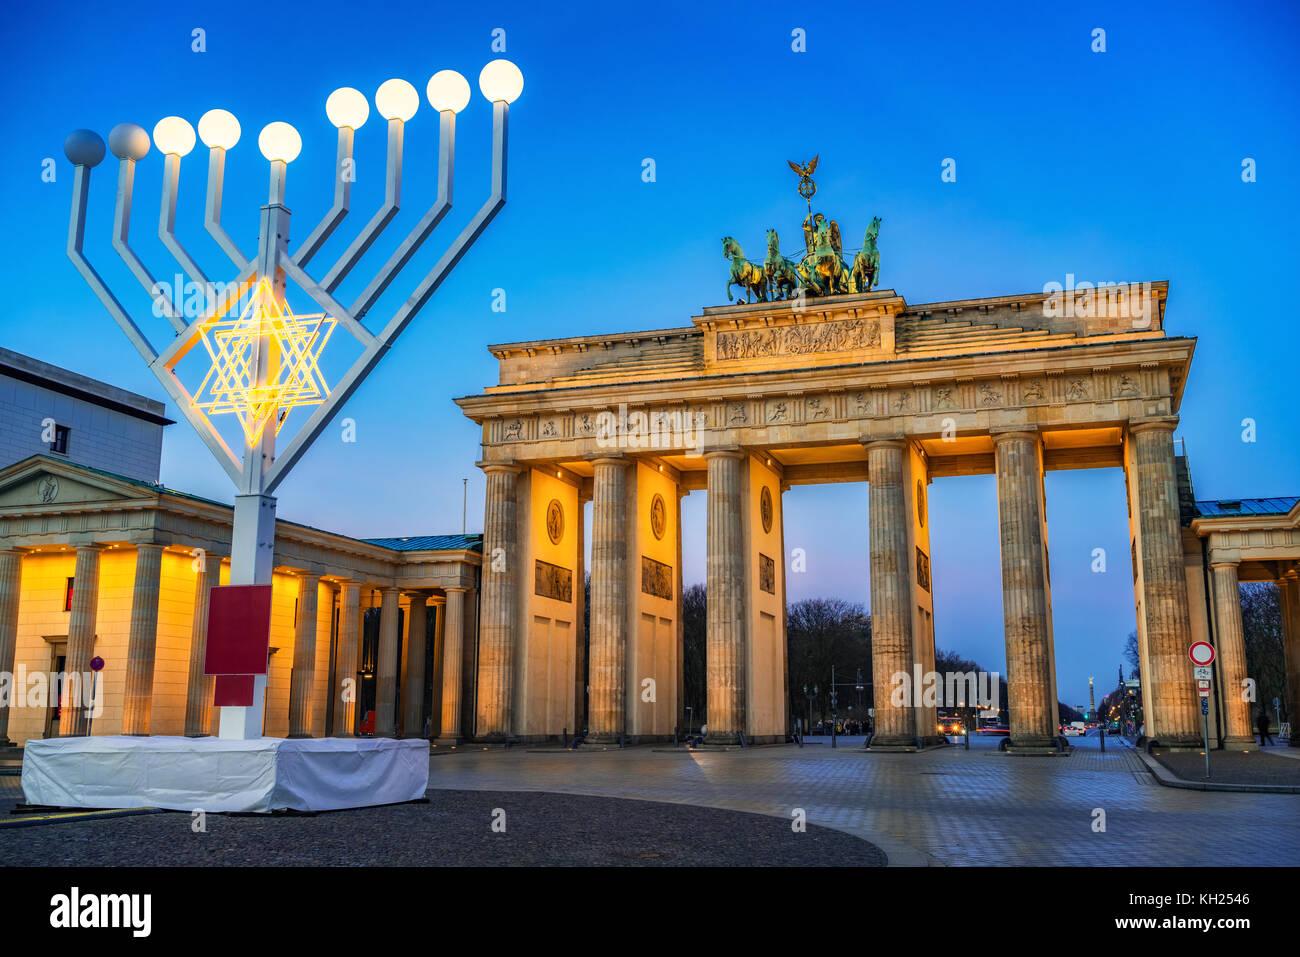 La porta di Brandeburgo e hanukkah menorah Immagini Stock